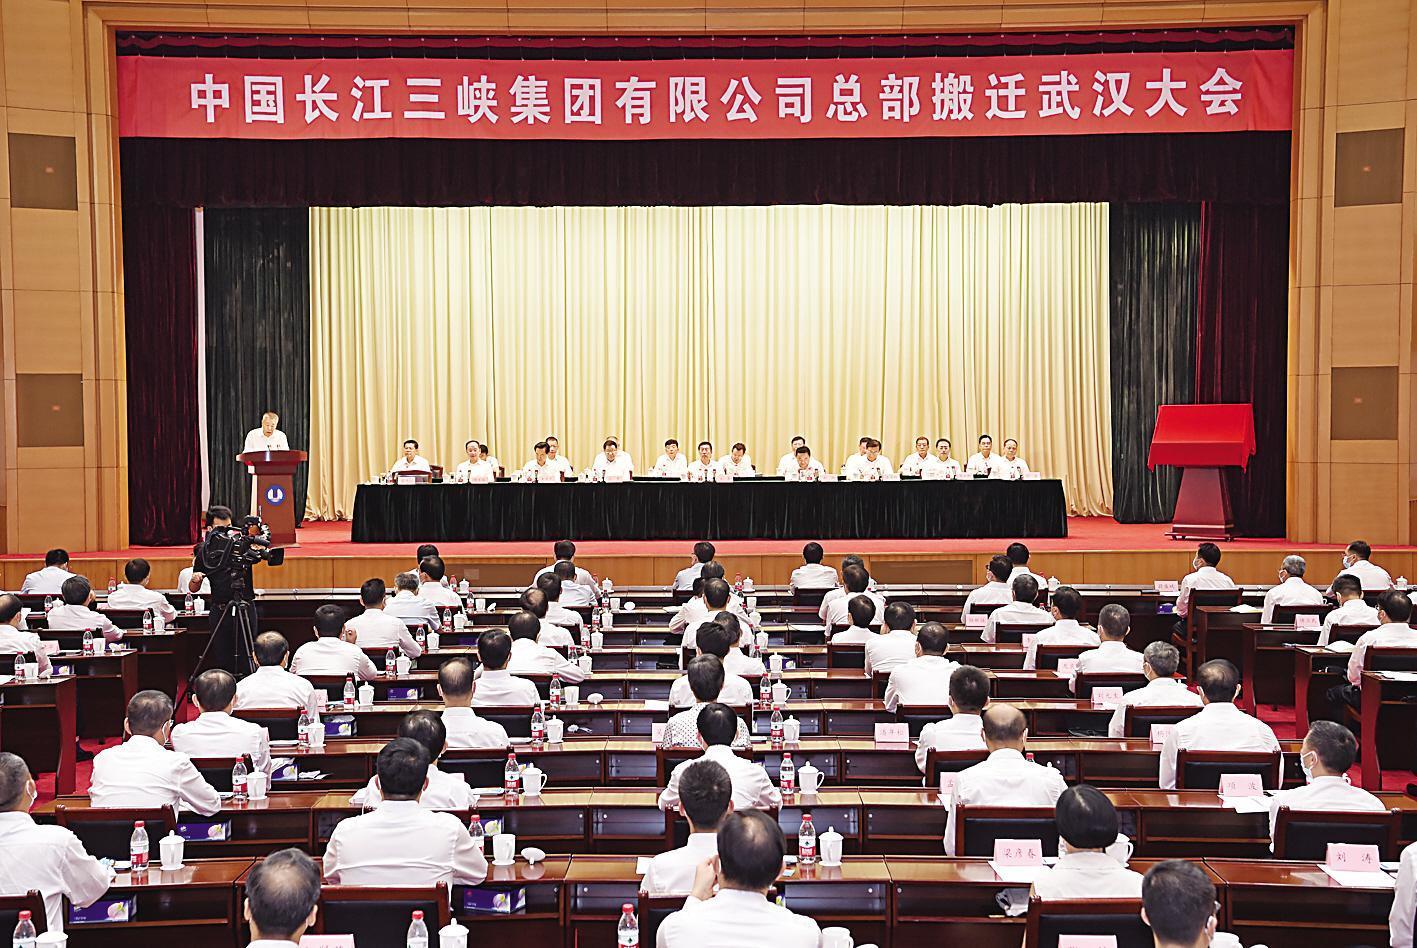 9月26日,中国长江三峡集团有限企业总部搬迁武汉大会在汉举行。 (湖北日报全媒记者 李溪 摄)